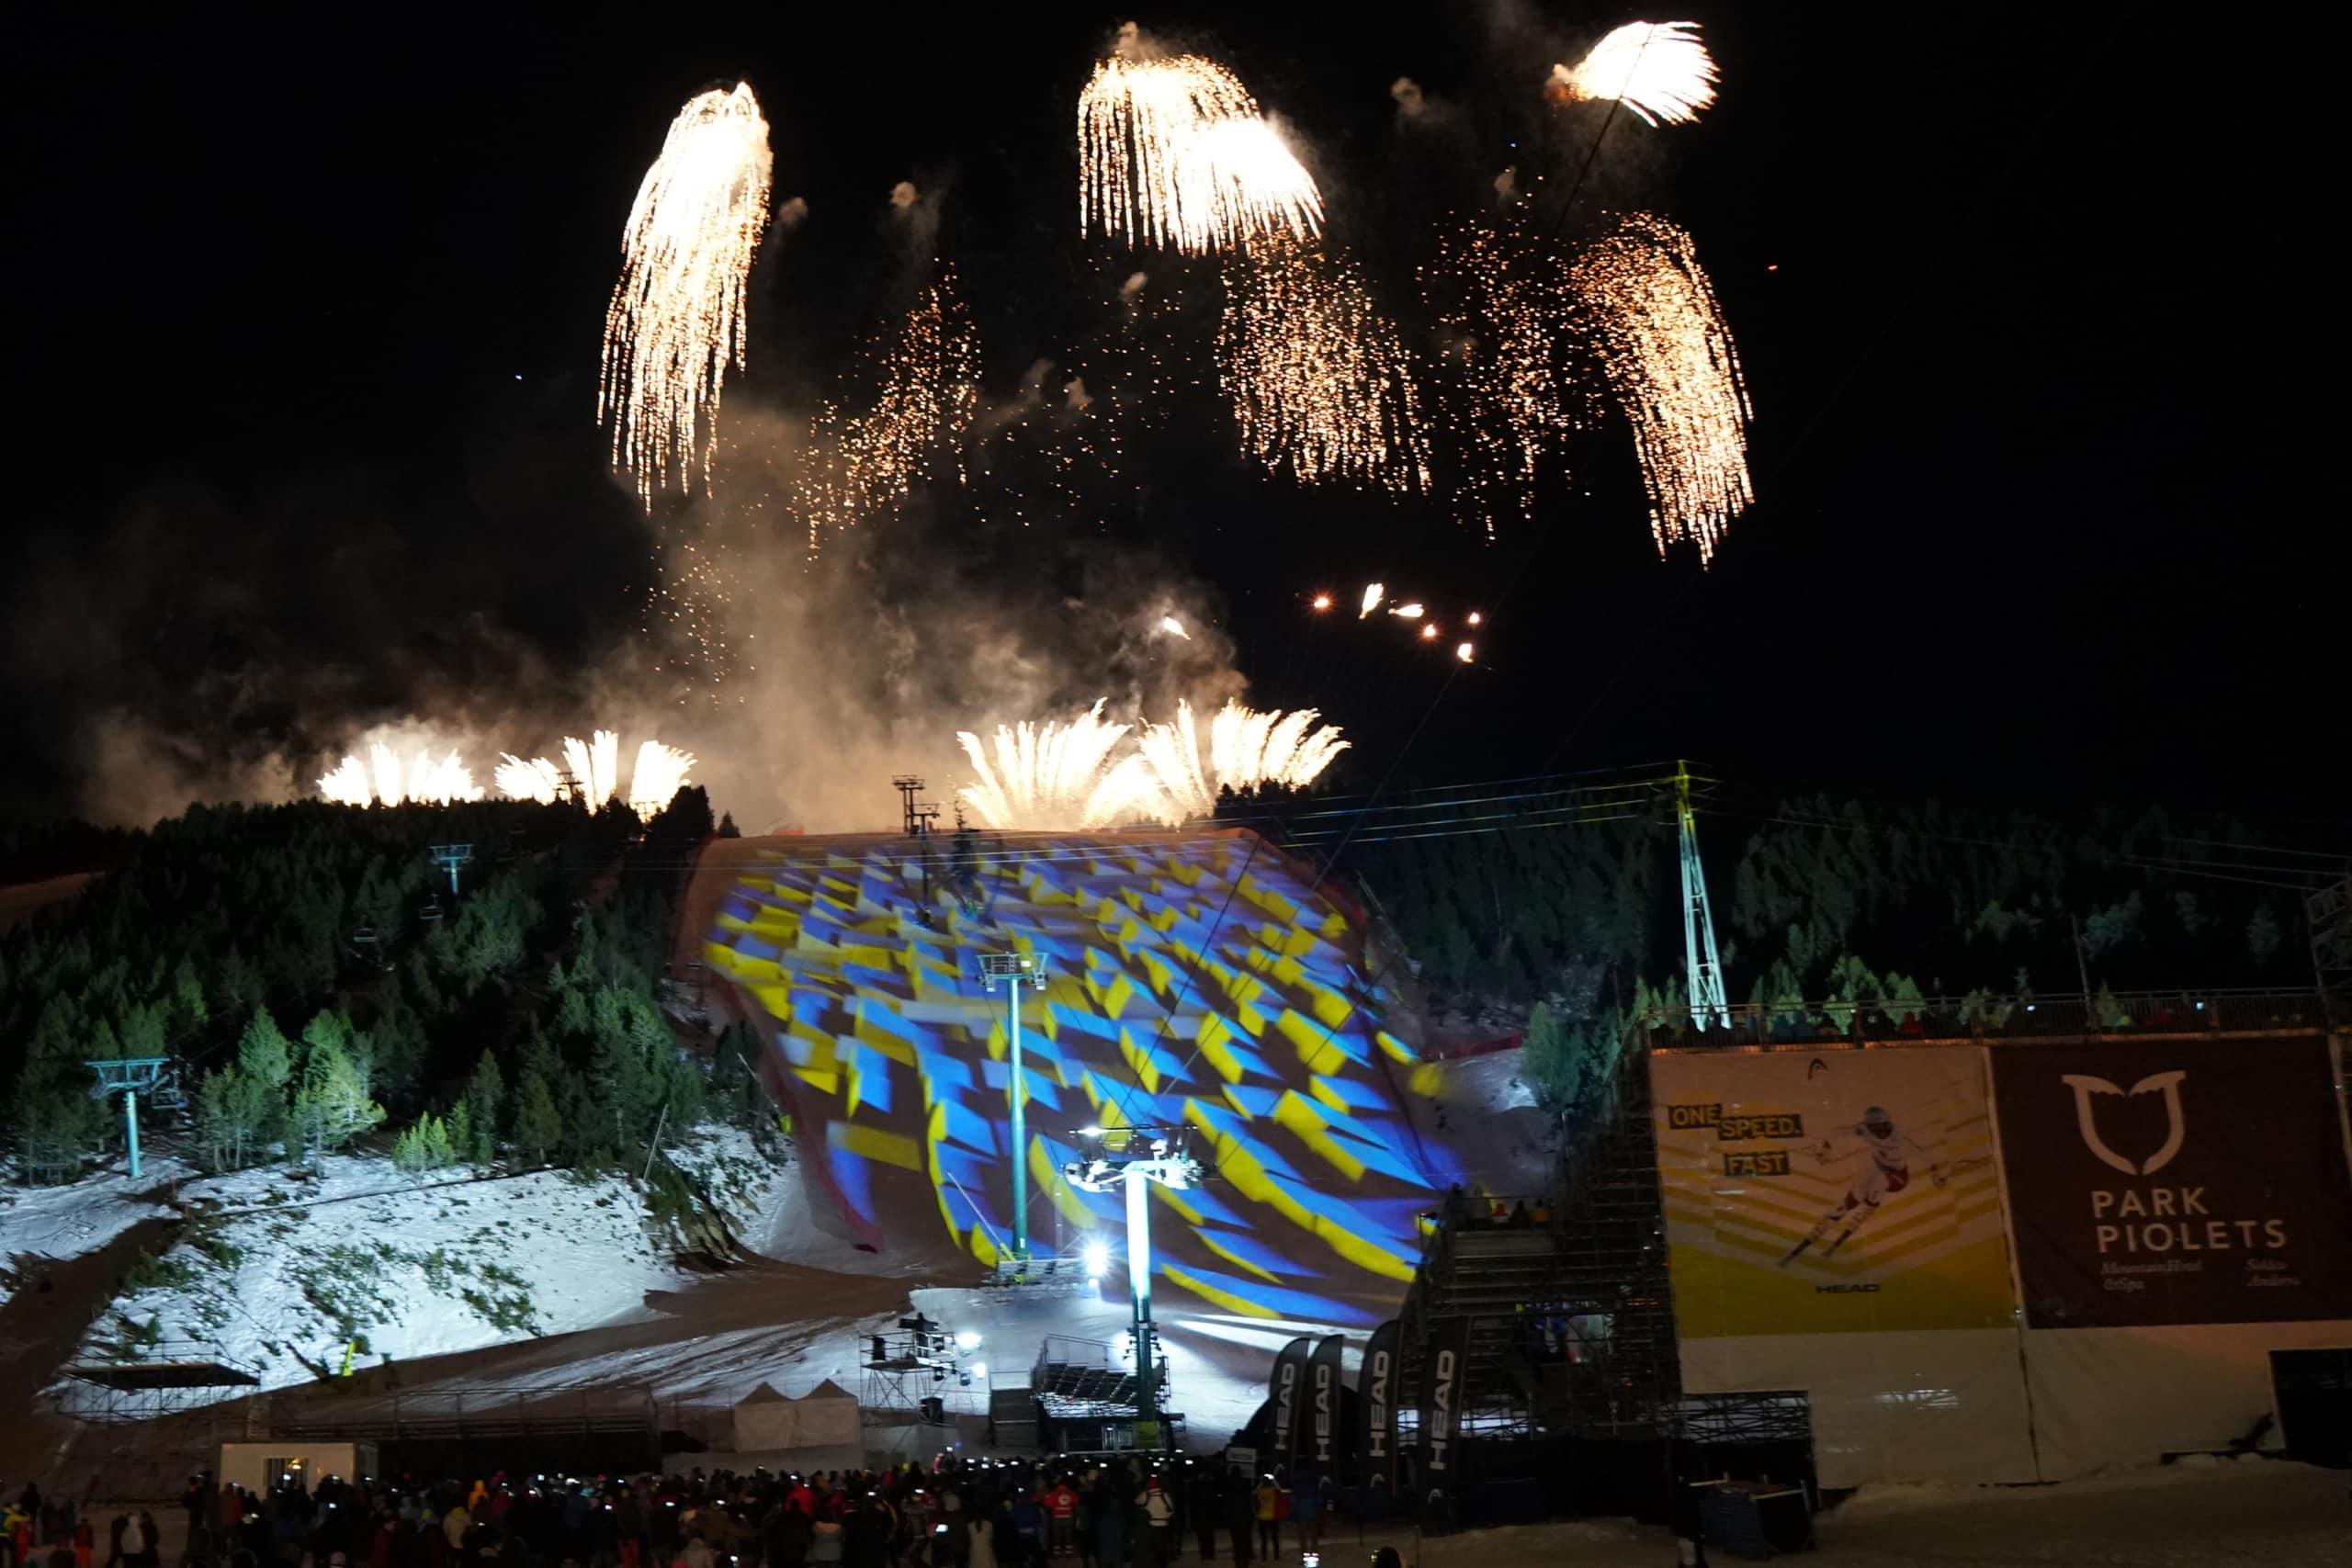 Espectáculos para eventos deportivos. Video-mapping para la ceremonia de inauguración realizado para el Mundial de Ski Andorra 2019.